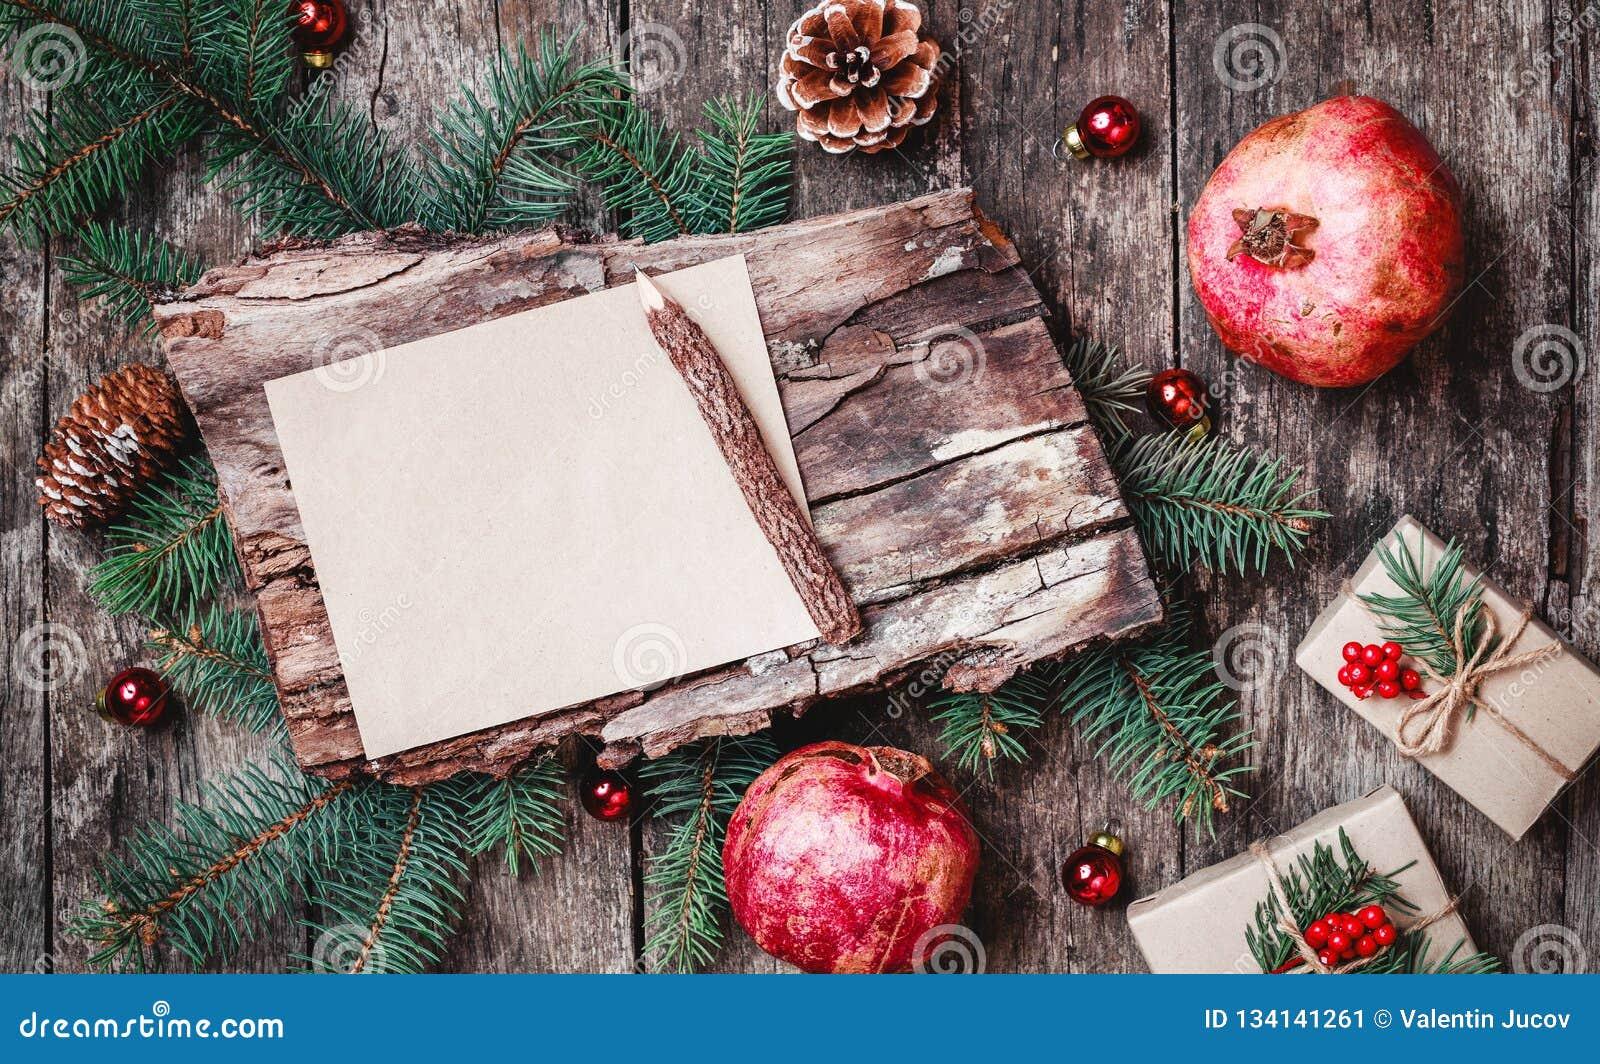 Image De Lettre De Noel.Lettre De Noel Sur Le Fond En Bois Avec Des Cadeaux De Noel